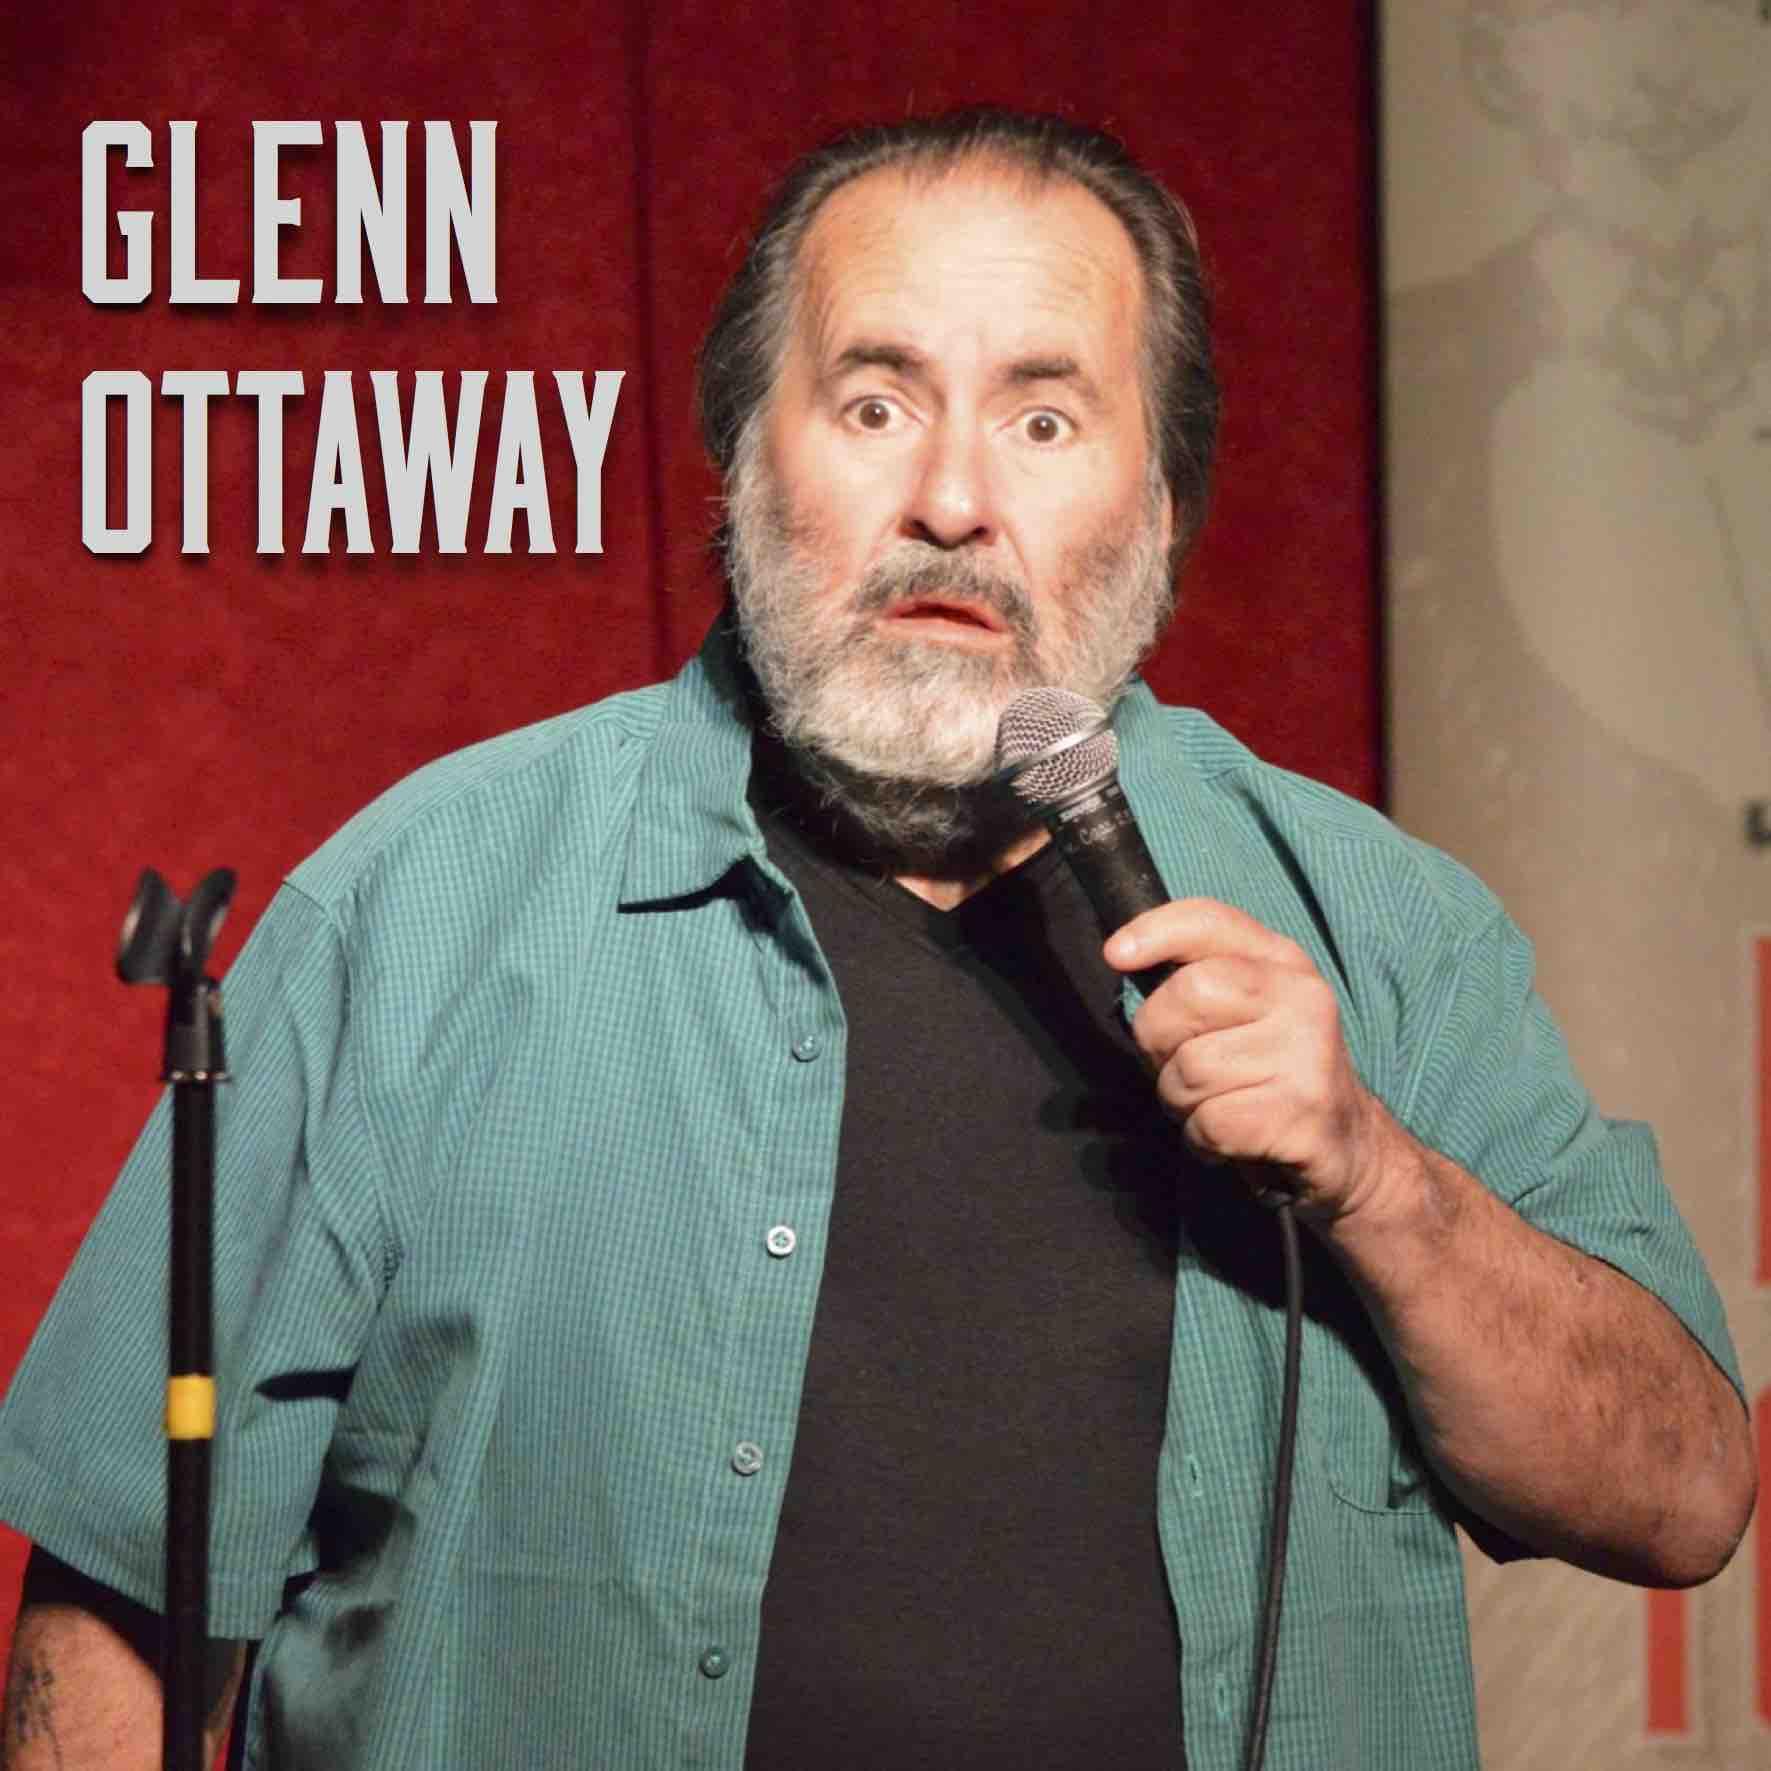 Ottaway-Glenn.jpg